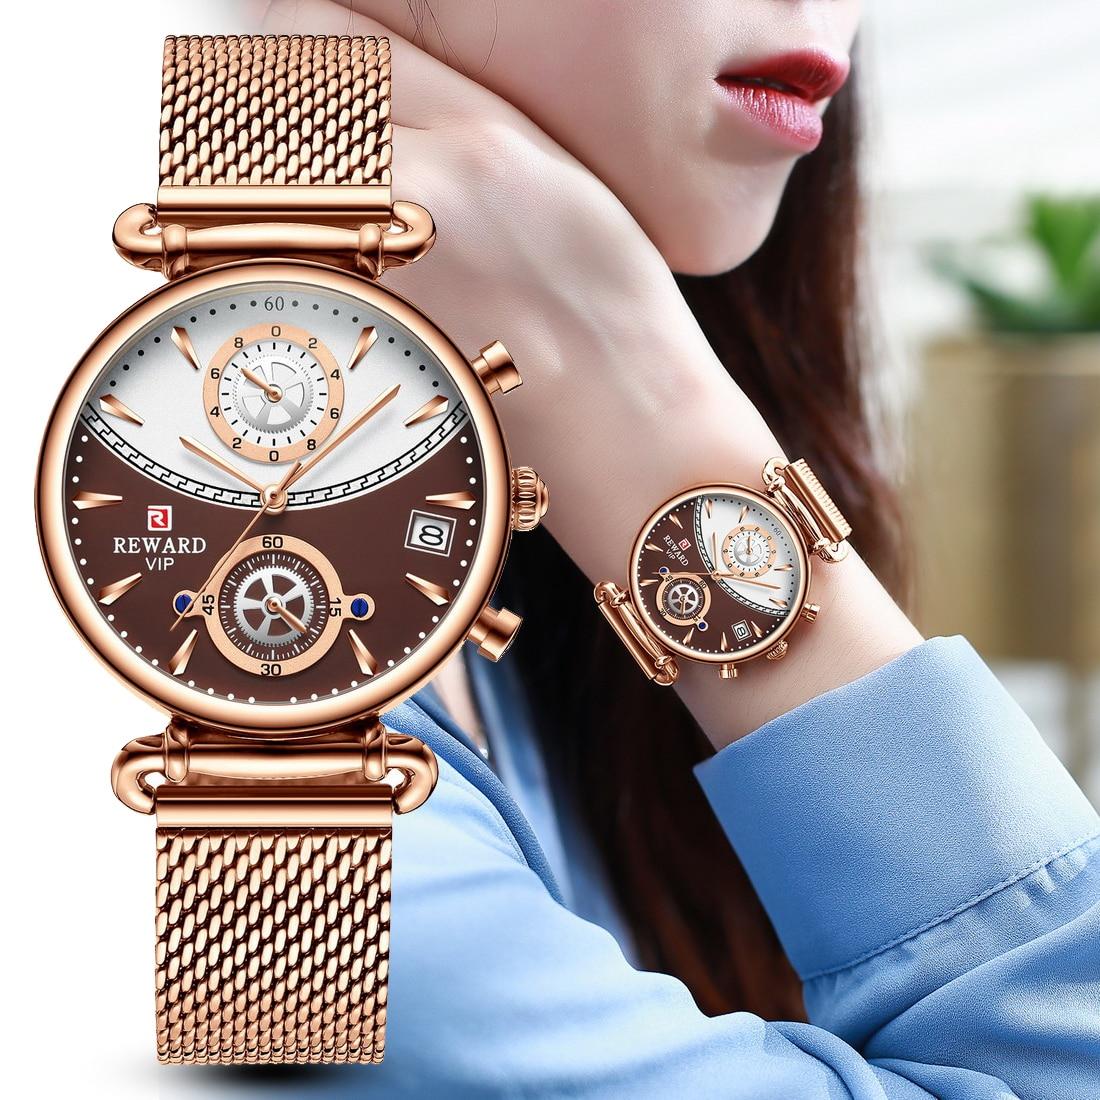 REWARD Women Watches  Business Quartz Watch Ladies Fashion Rose Gold Female Clock Stainless Steel Wa